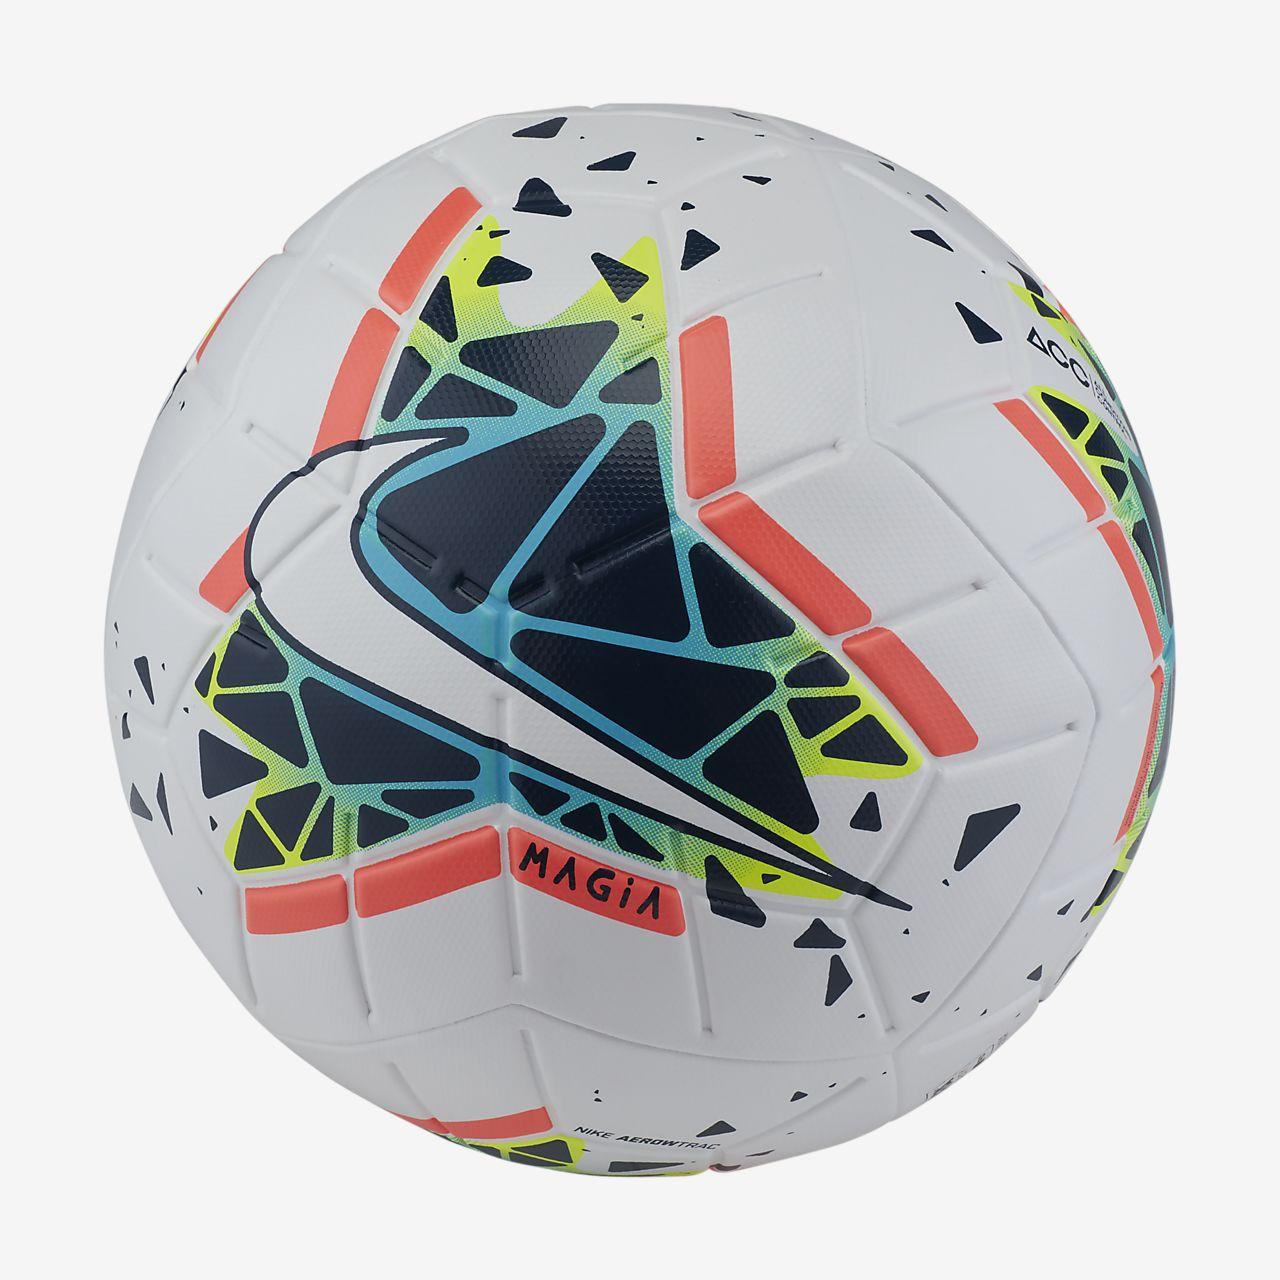 Balón de fútbol Nike Magia